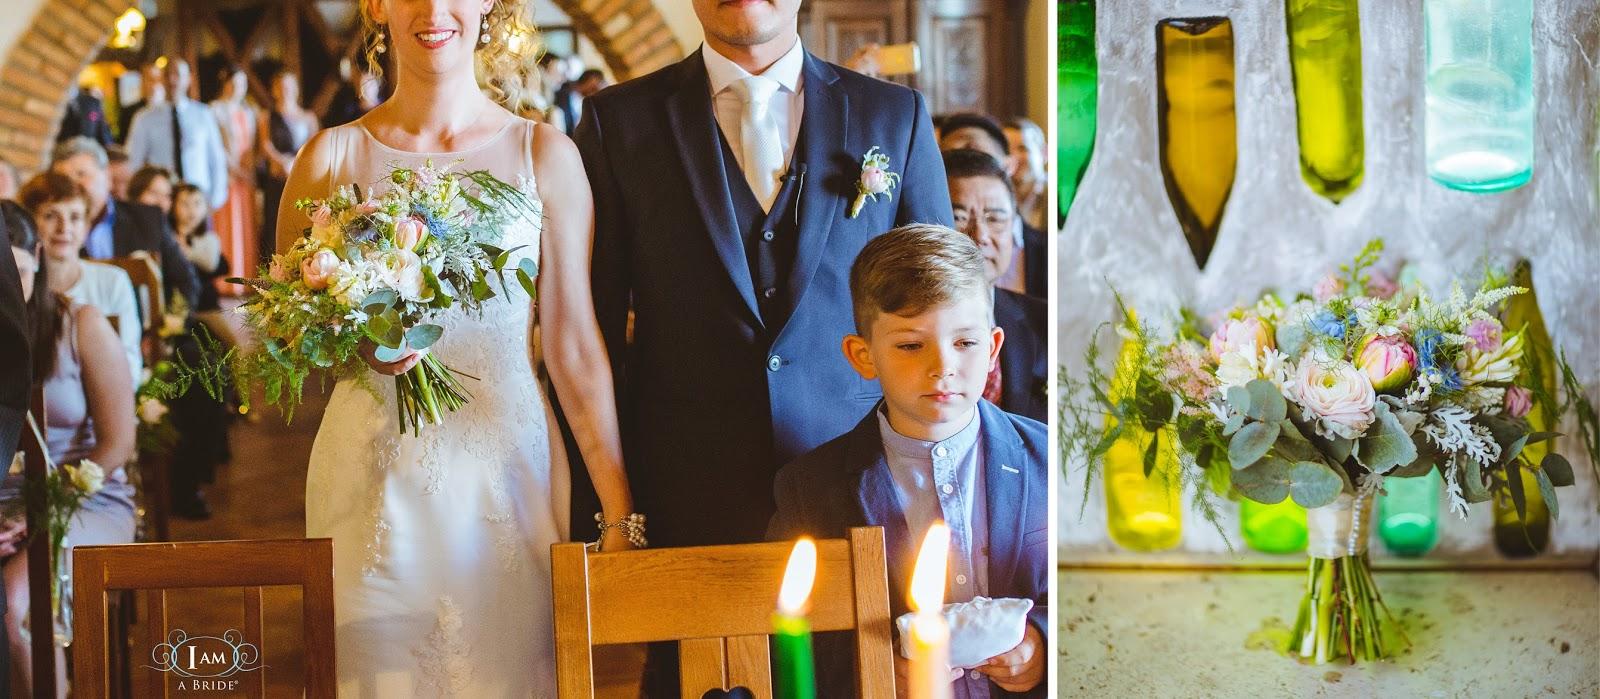 Wedding Dress Hangers 87 Fresh Destination bride Adri in